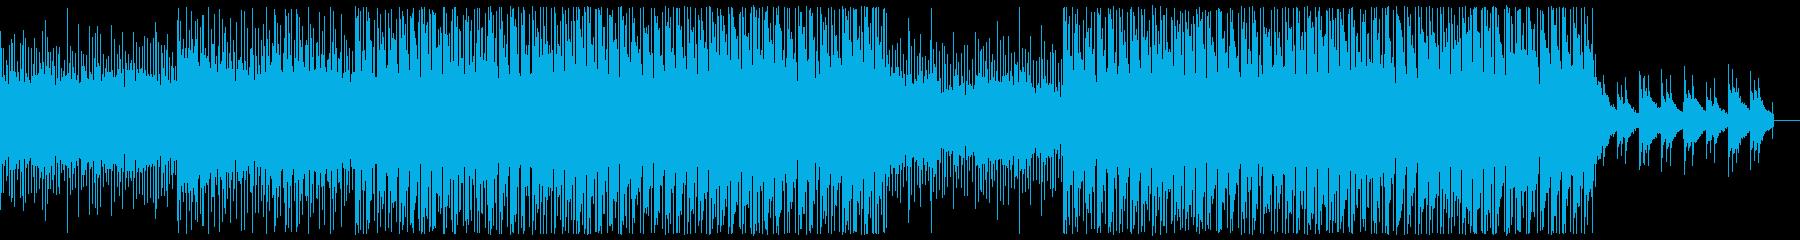 幻想的でピコピコしたドラムンベースの再生済みの波形